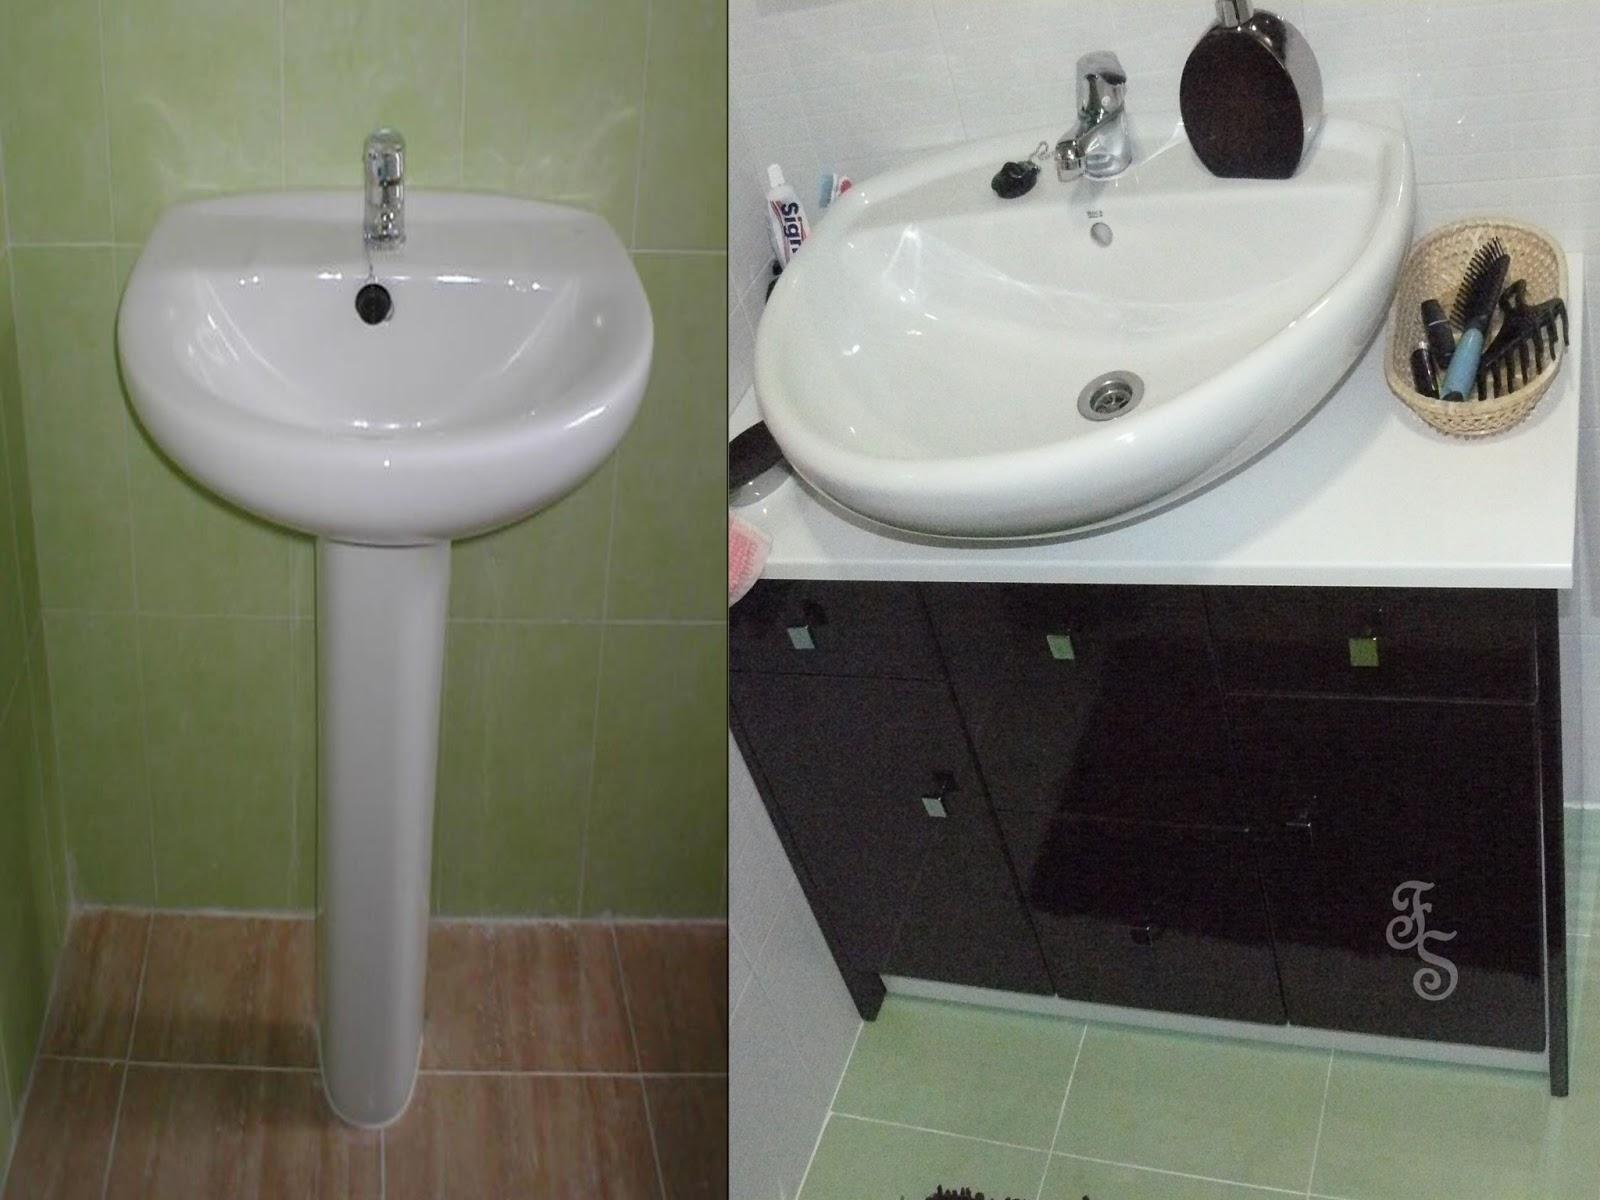 Casas cocinas mueble muebles de lavabo con pie - Muebles de bano adaptables a lavabo con pie ...